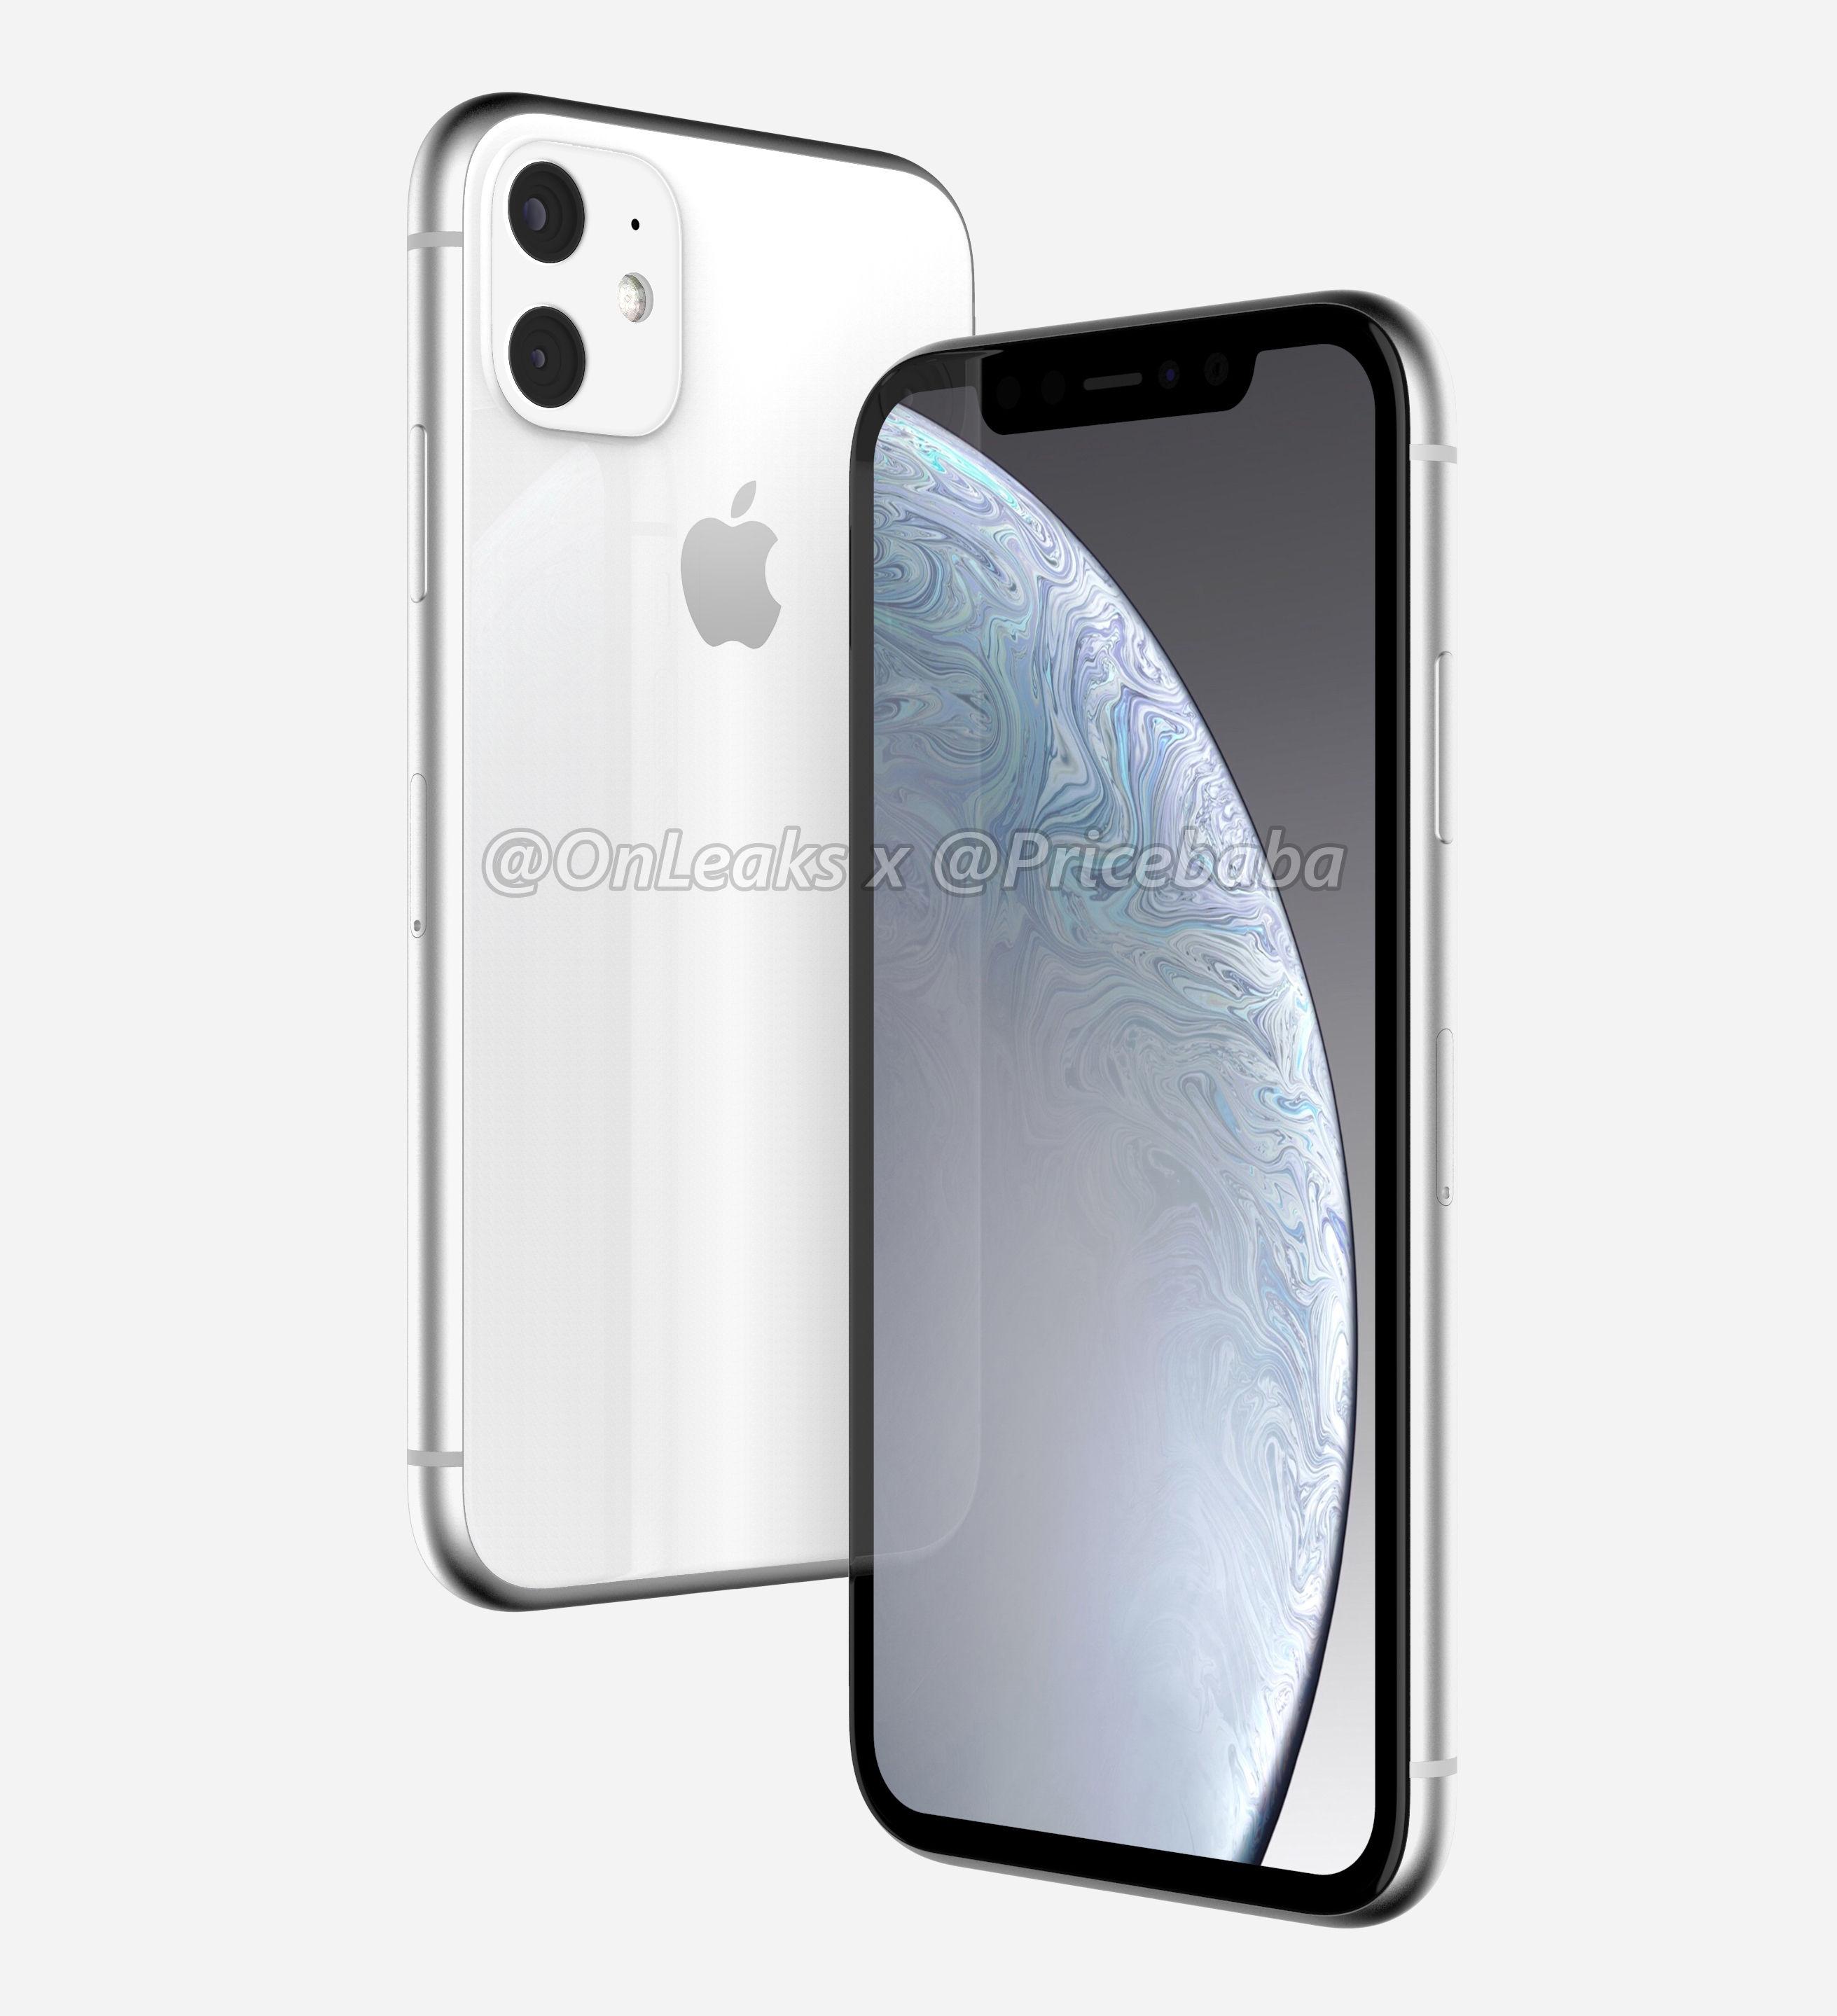 Nuovi render suggeriscono un iPhone XR 2019 con doppia fotocamera posteriore 1